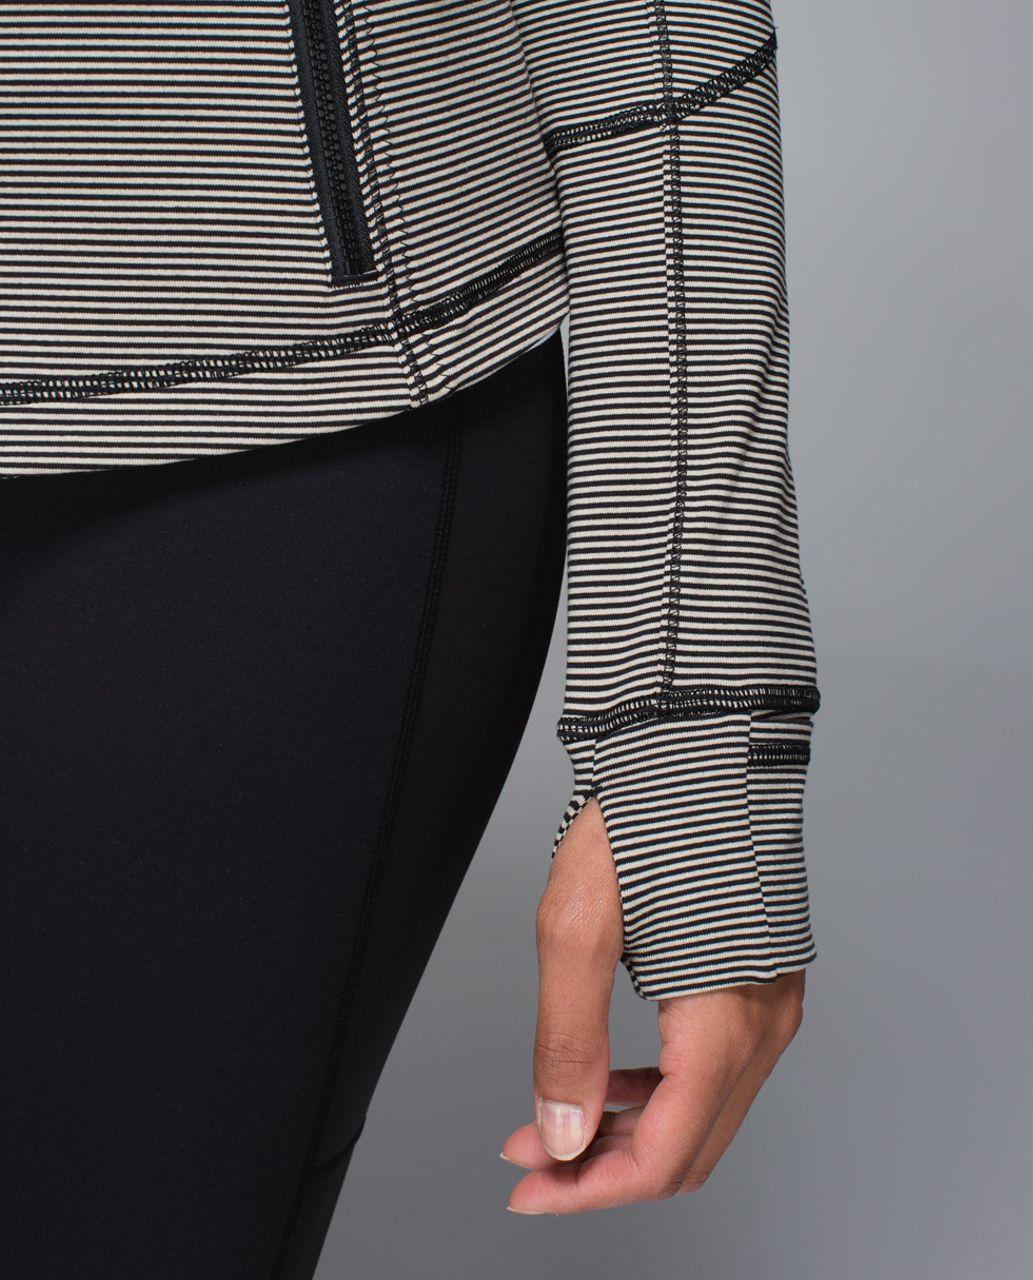 Lululemon Forme Jacket *Cuffins - Tonka Stripe Heathered Black Mojave Tan